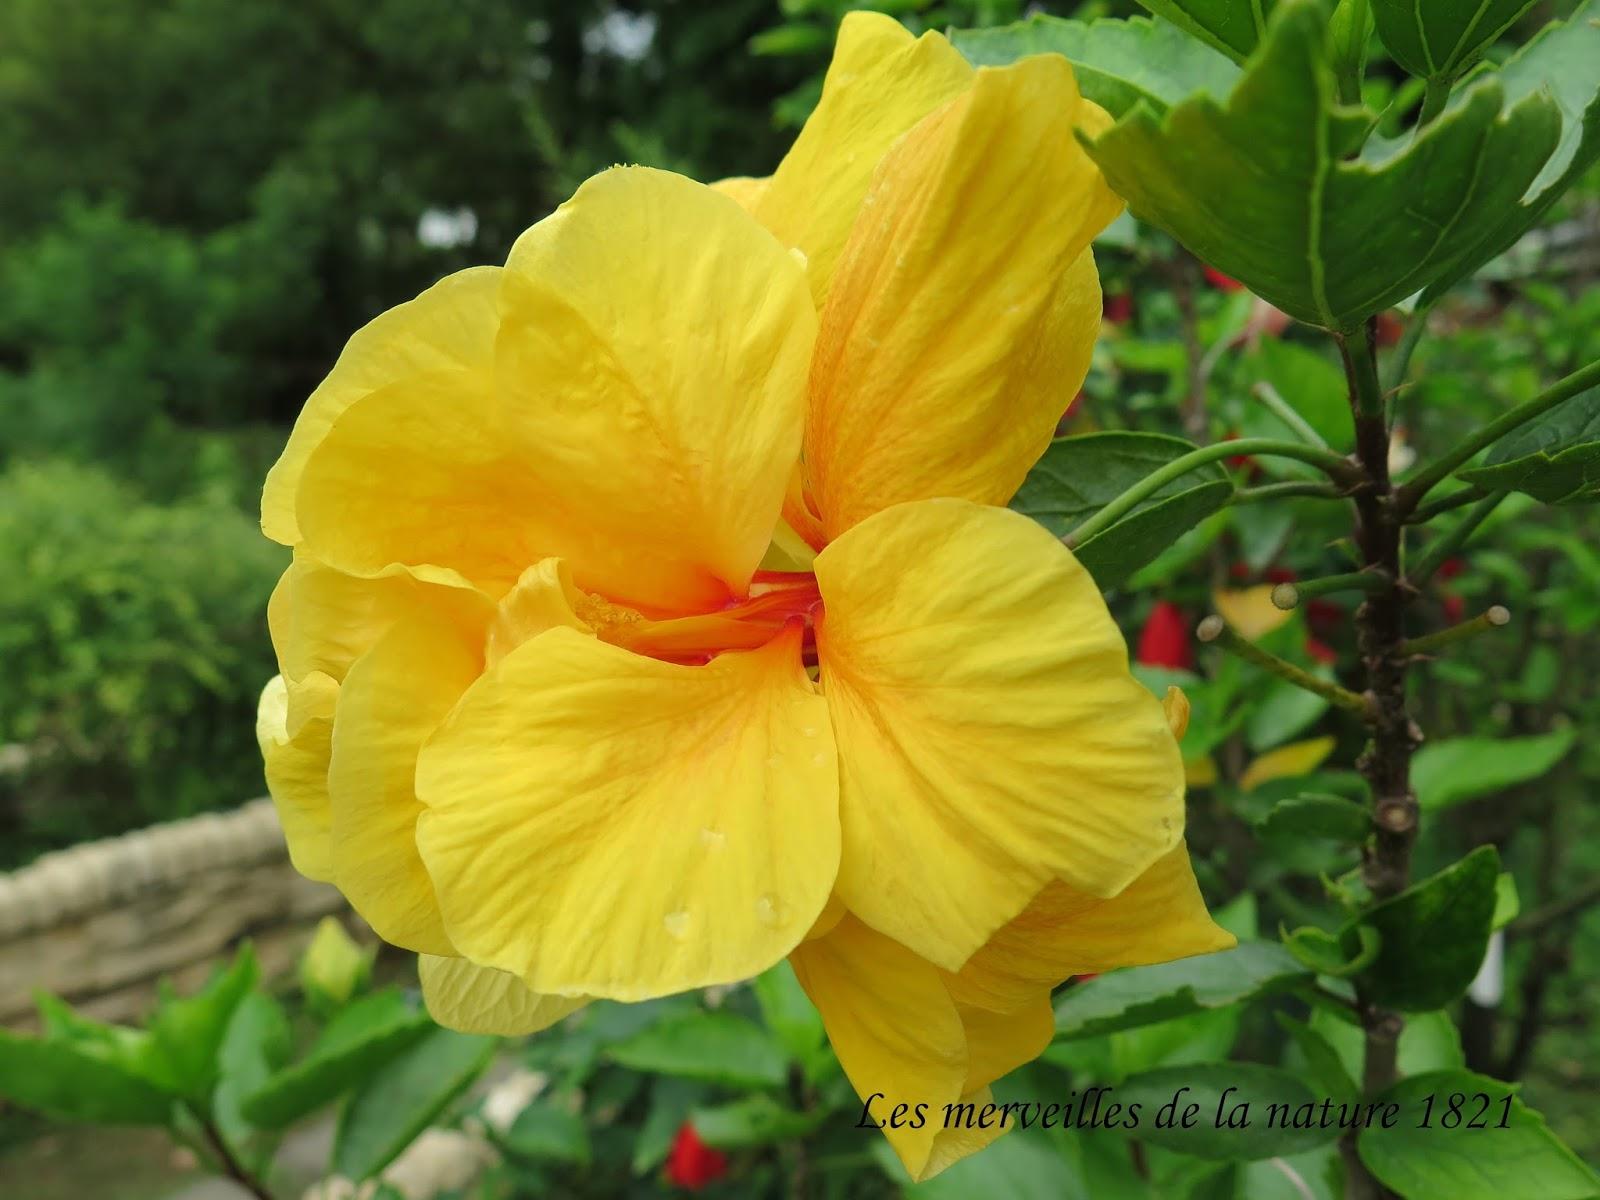 Les merveilles de la nature: Le Jardin botanique de Taipei (1)